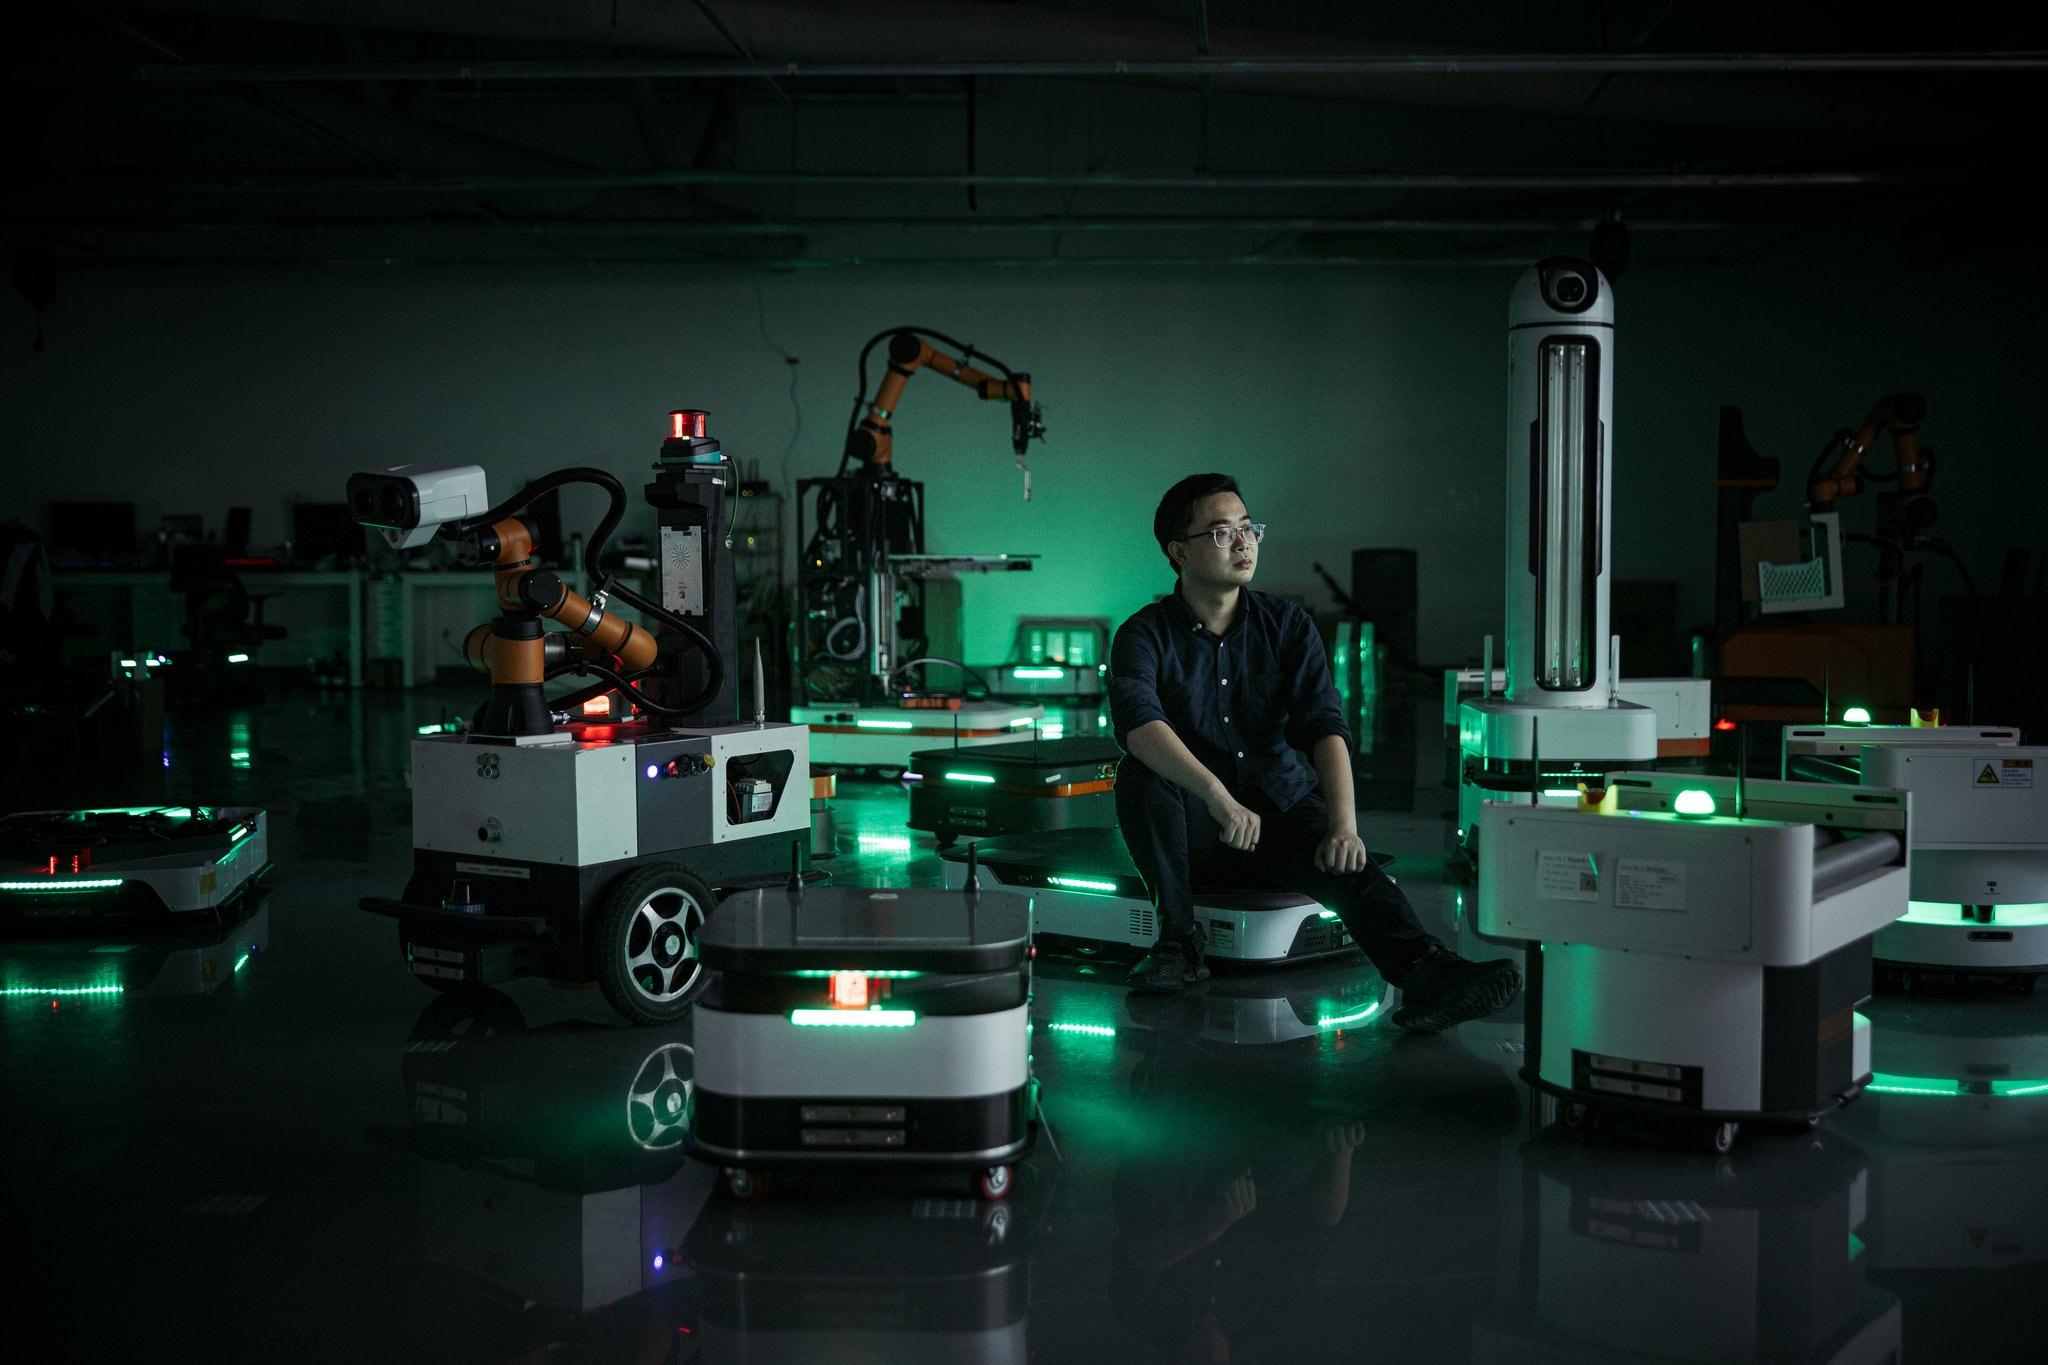 移动机器人大爆发,软银加码,这家企业如何做到4年领跑行业?